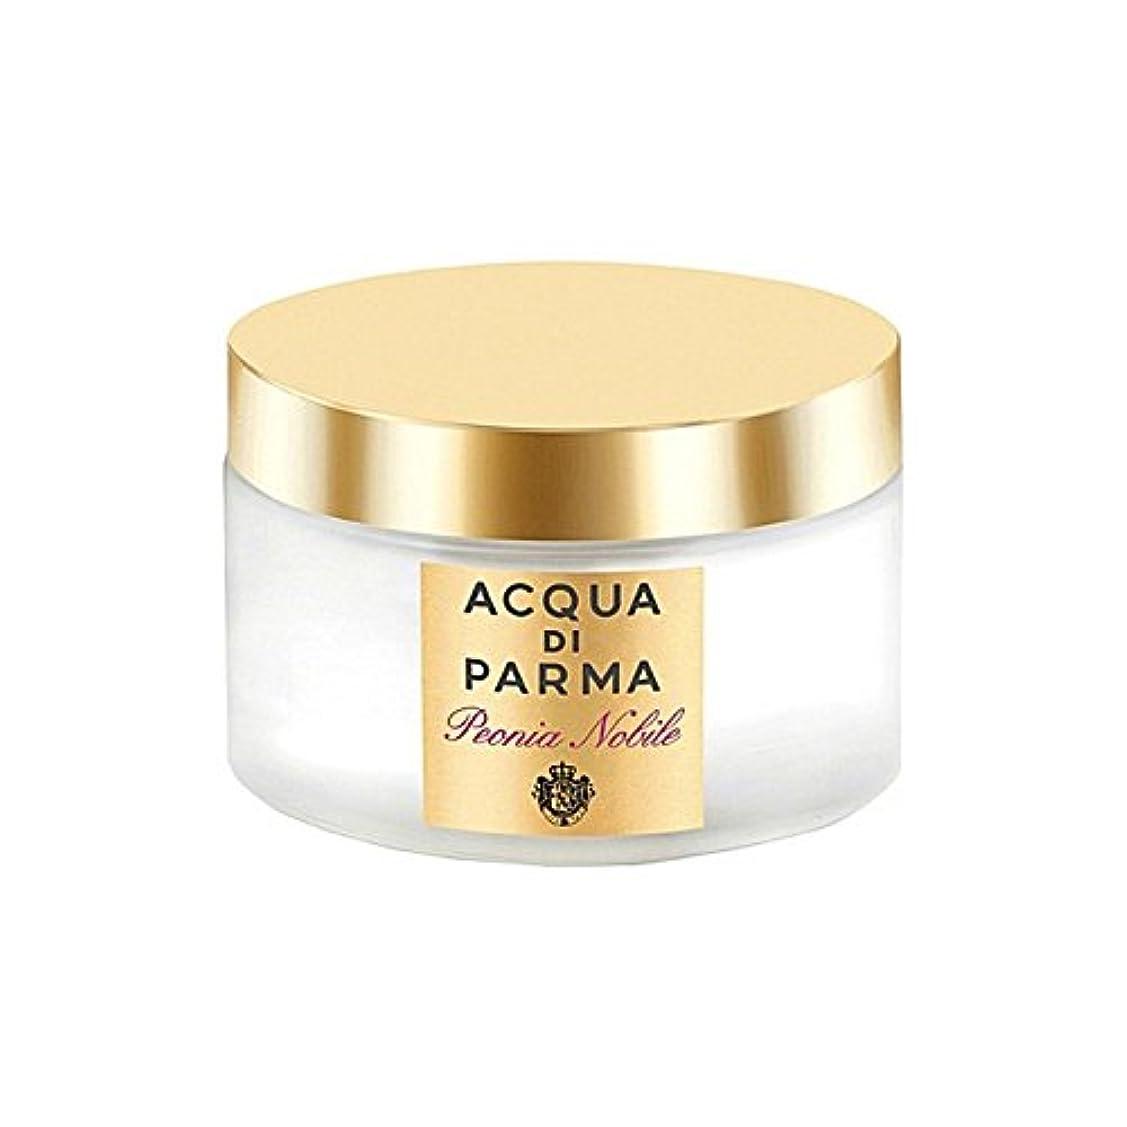 まばたき面倒カリキュラムAcqua Di Parma Peonia Nobile Body Cream 150ml - アクアディパルマノビレボディクリーム150ミリリットル [並行輸入品]